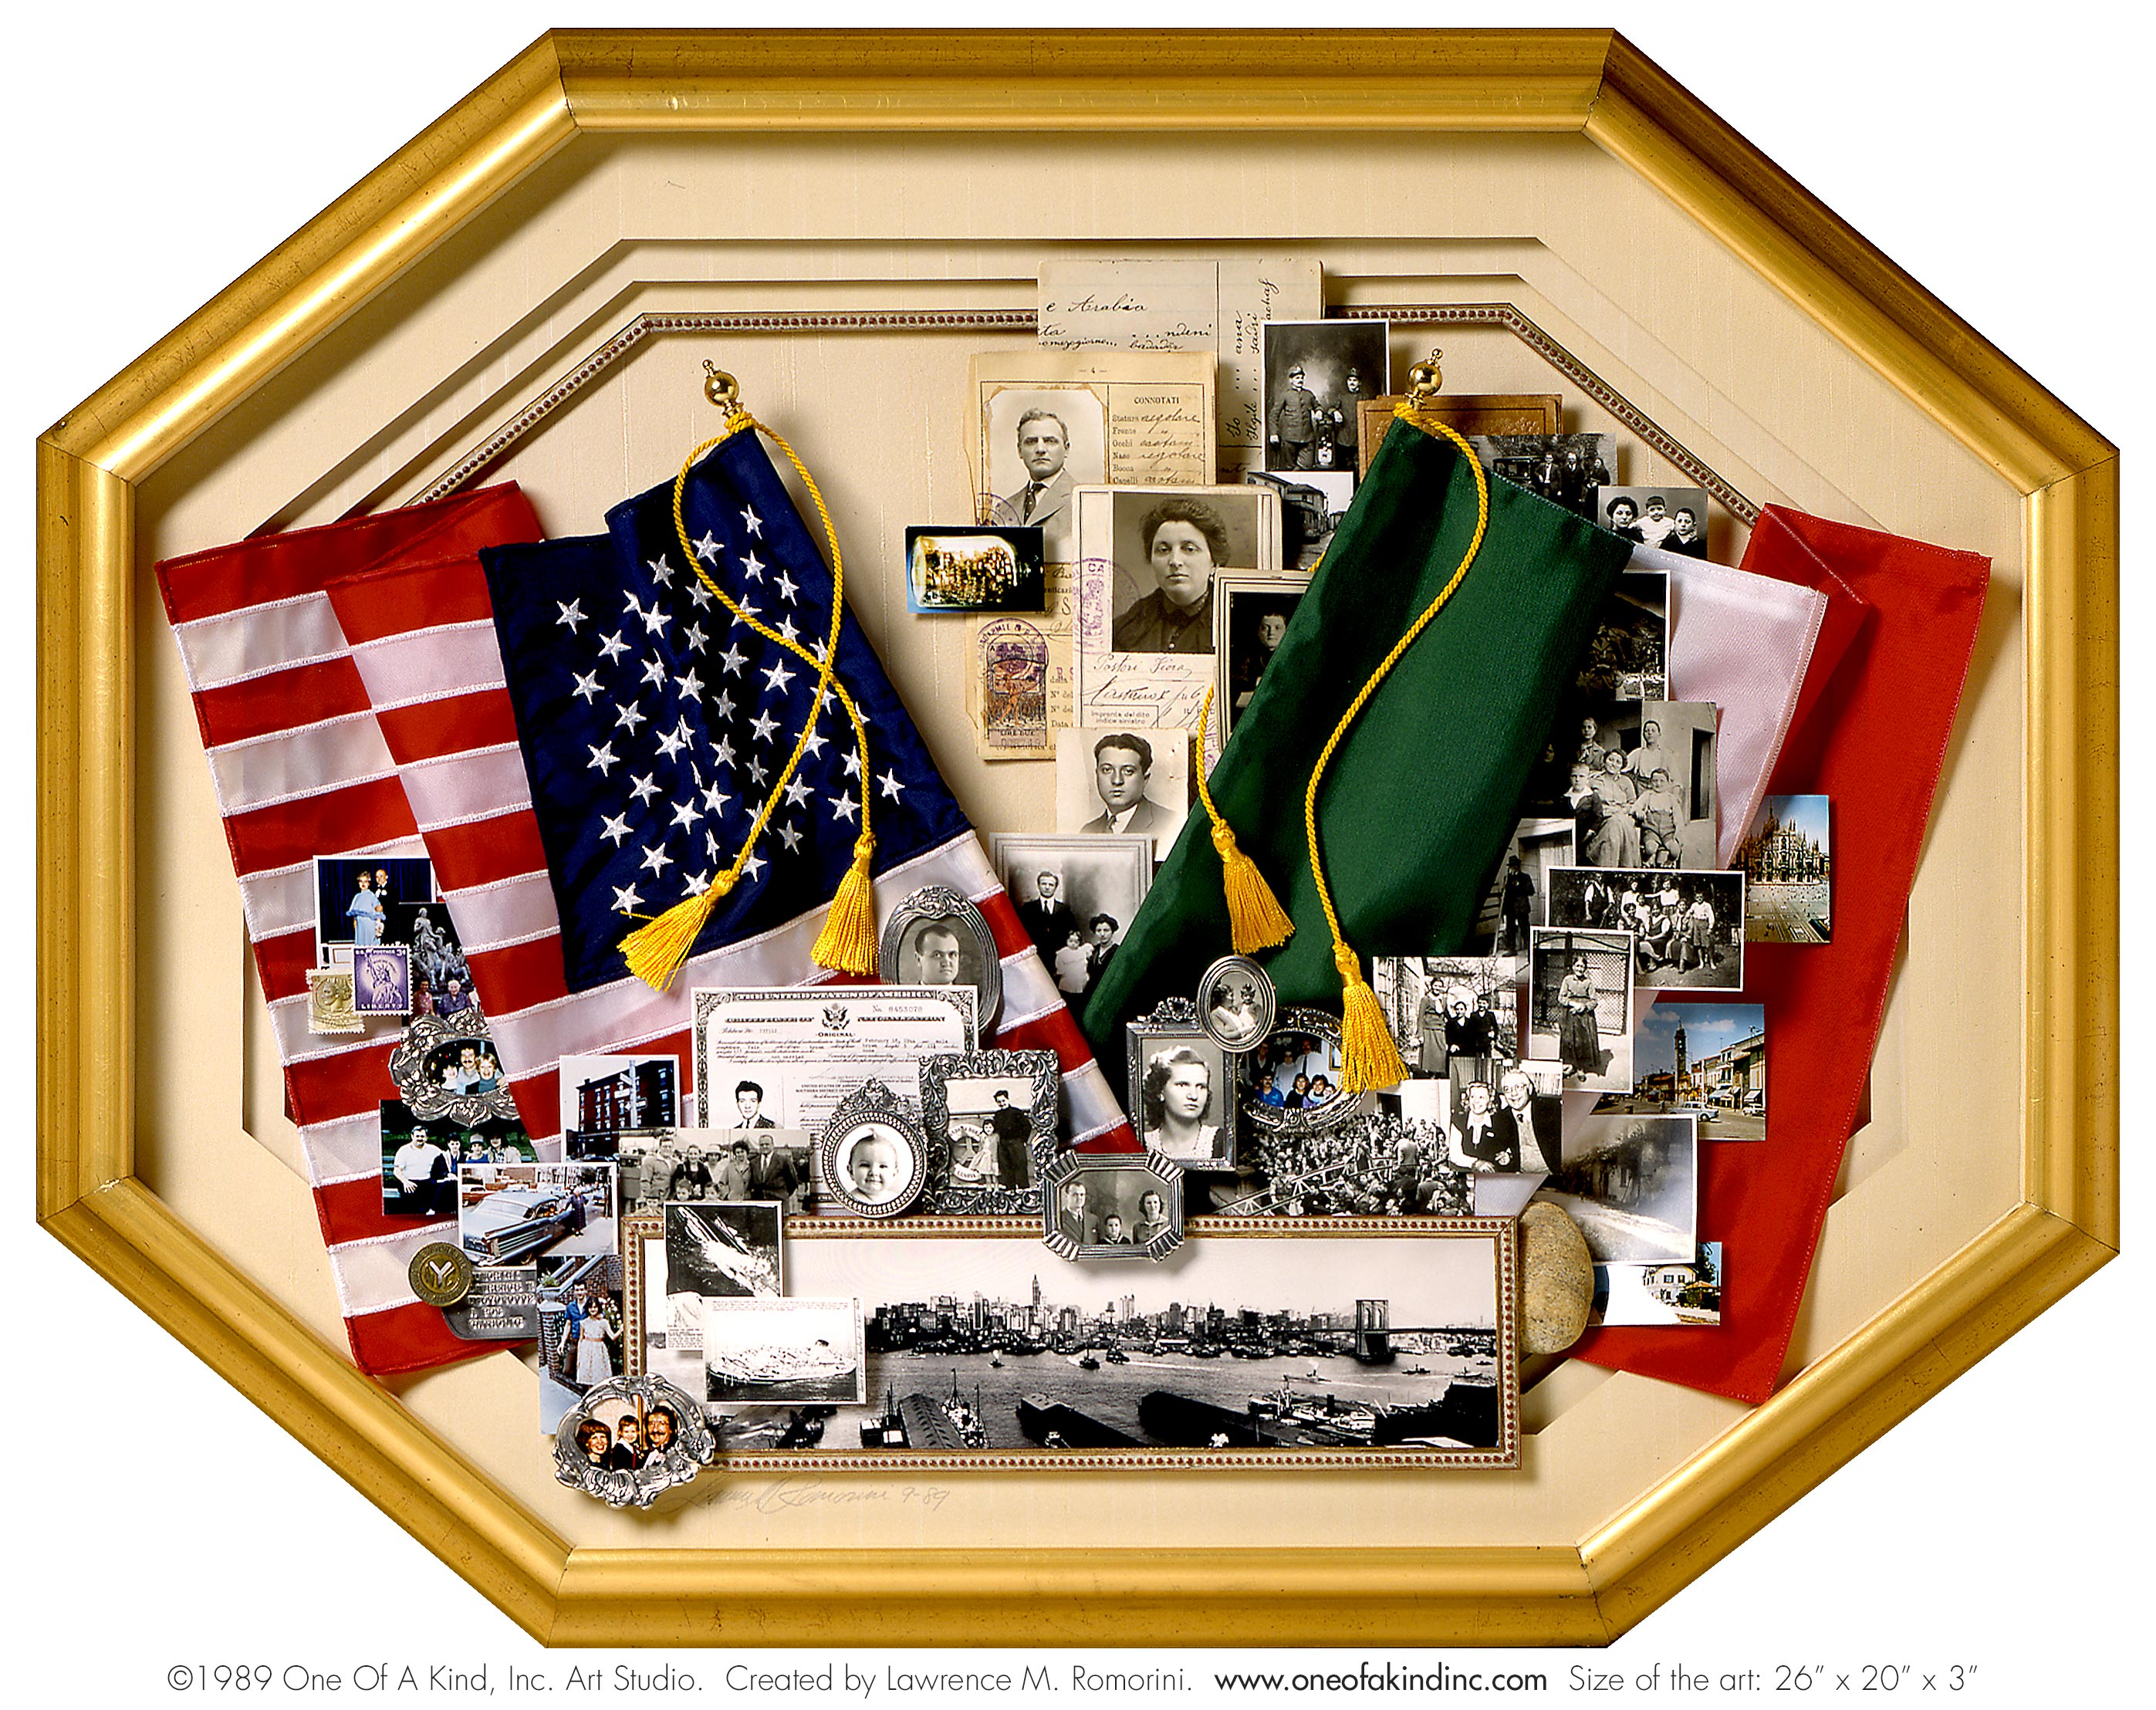 romorini-collage-2794x2216